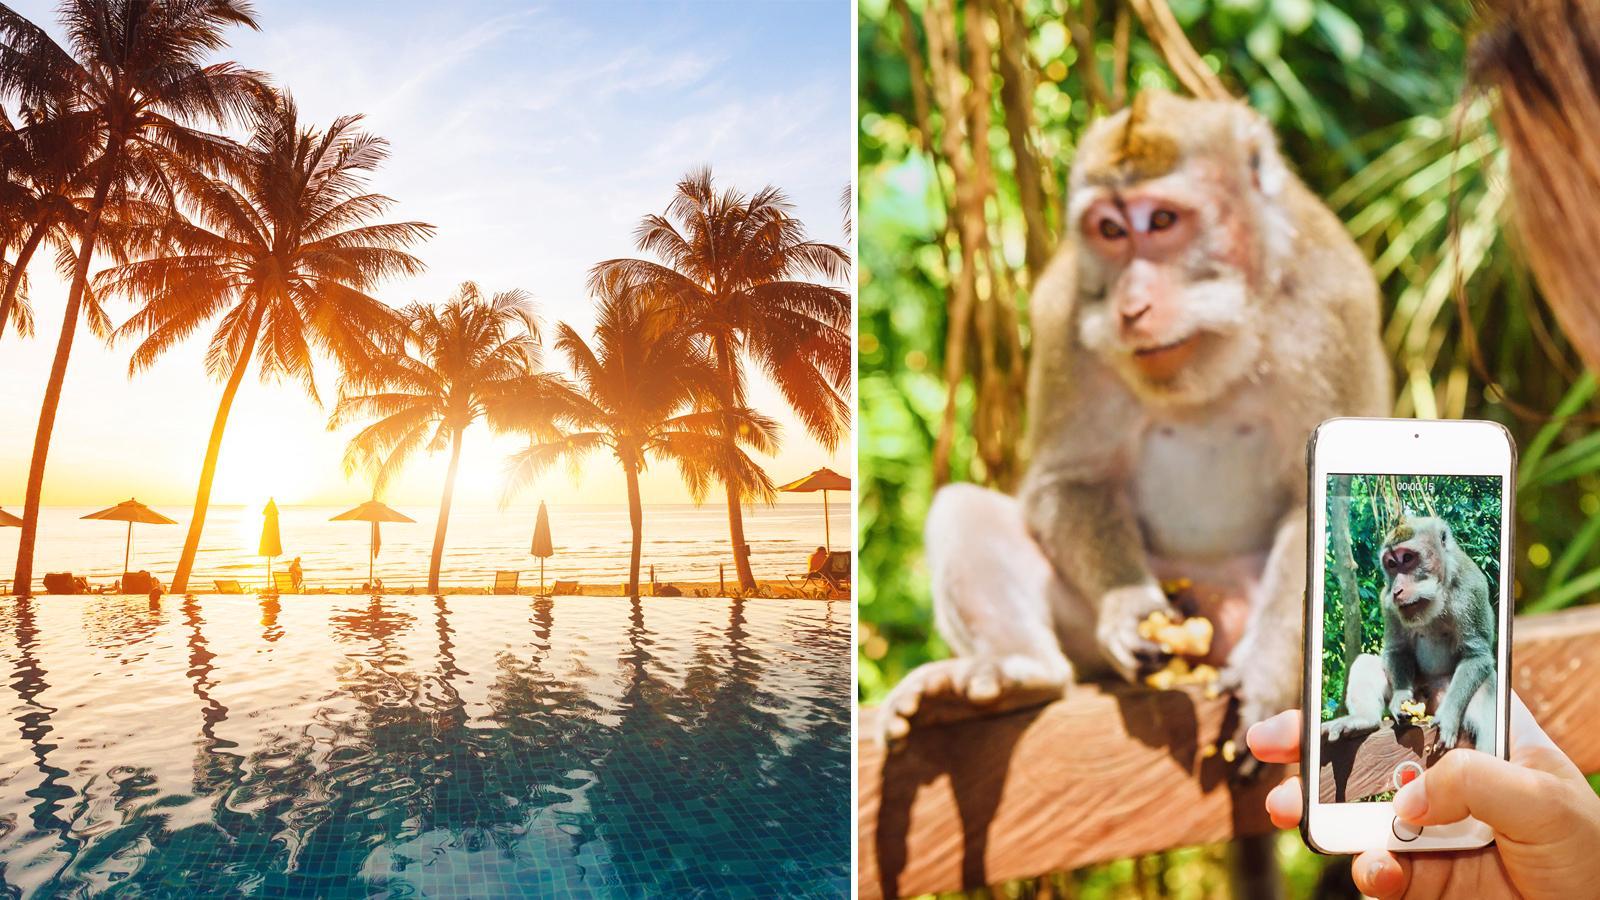 Vid River Pool i Ayana, Bali, får du inte längre använda mobiltelefoner eller kameror klockan 9–17.